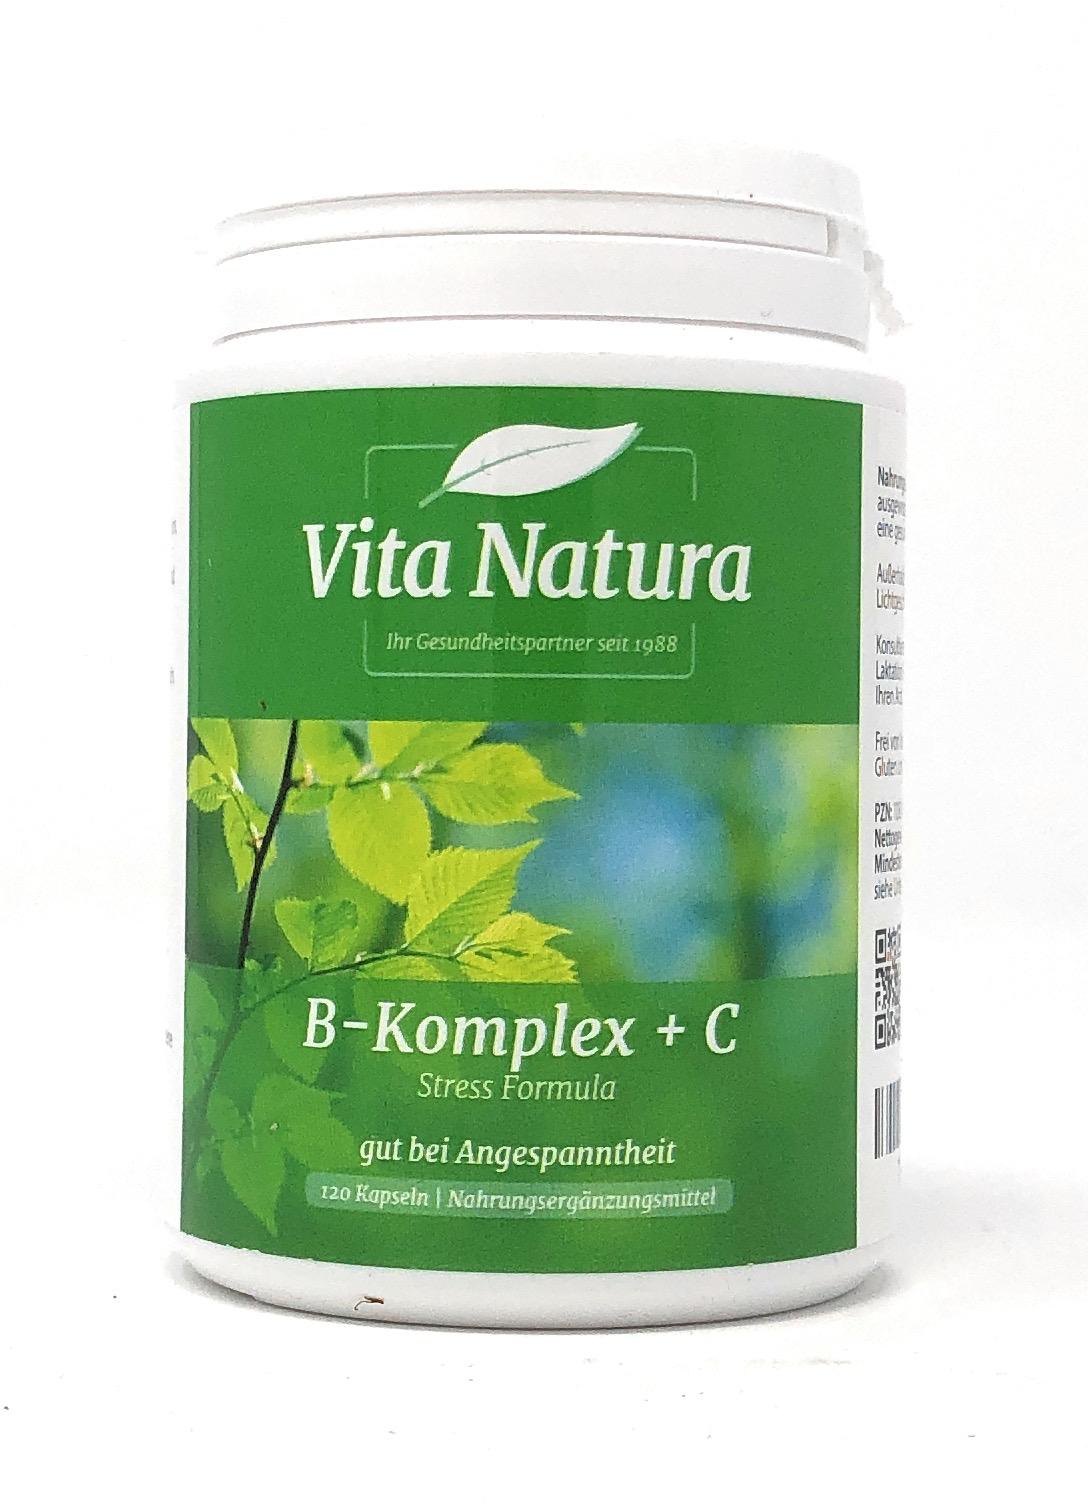 Vita Natura Vitamin B-Komplex plus C 120 veg. Kapseln (83,8g)